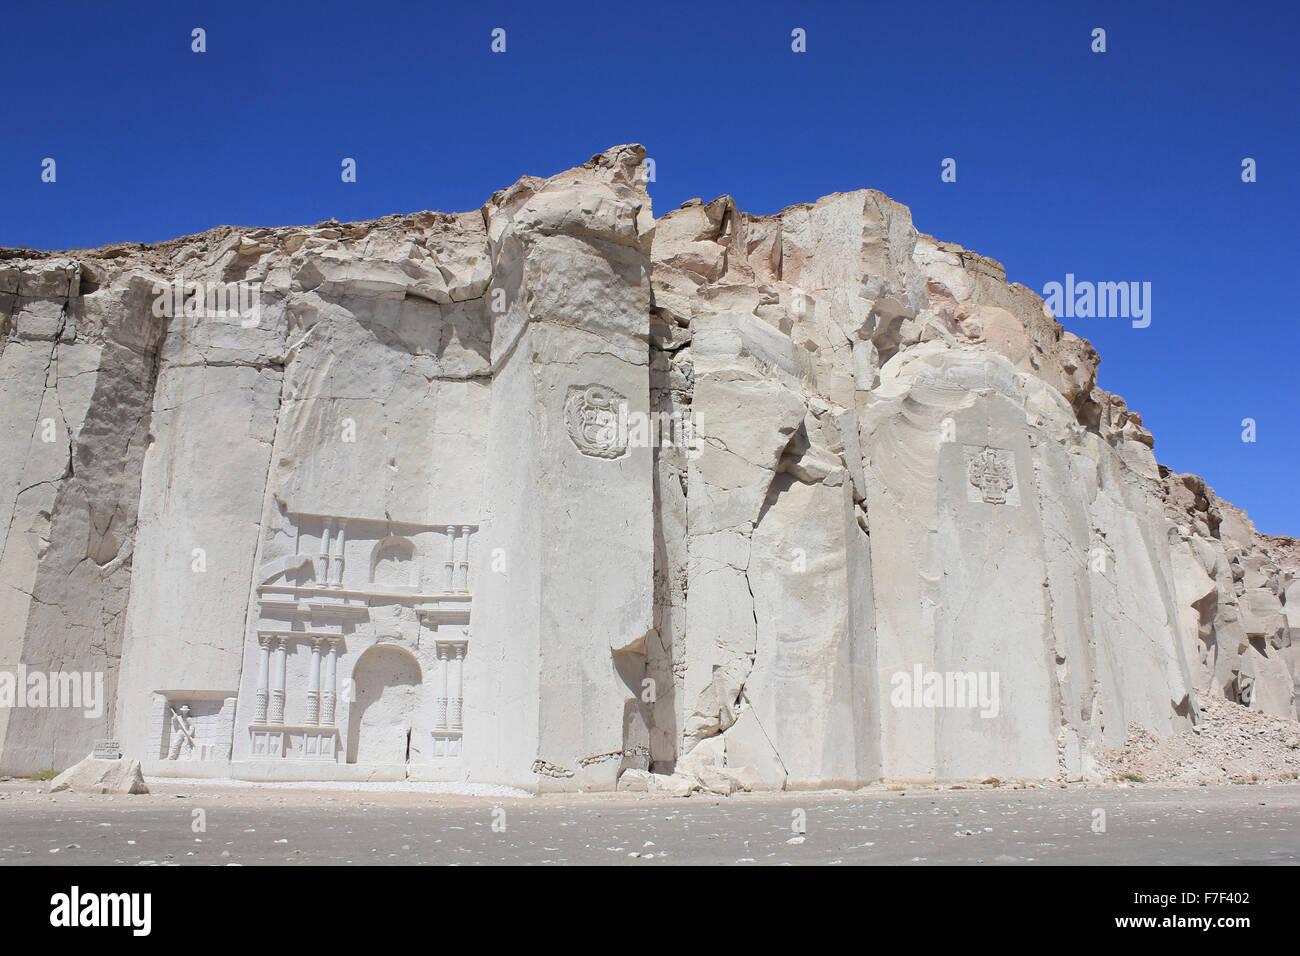 La Ruta del Sillar Quarry Near Arequipa Peru - Stock Image